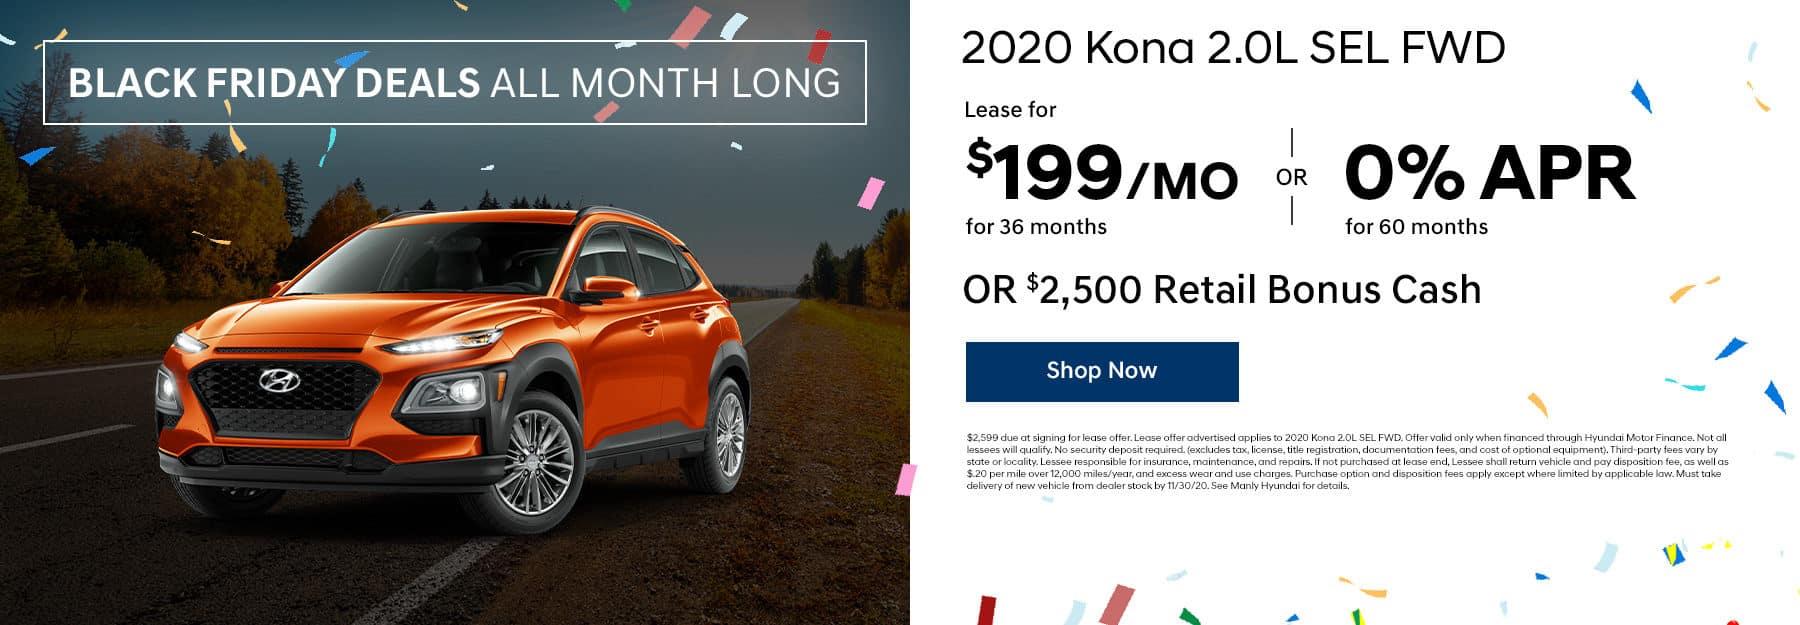 2020 kona 2.0L SEL offers